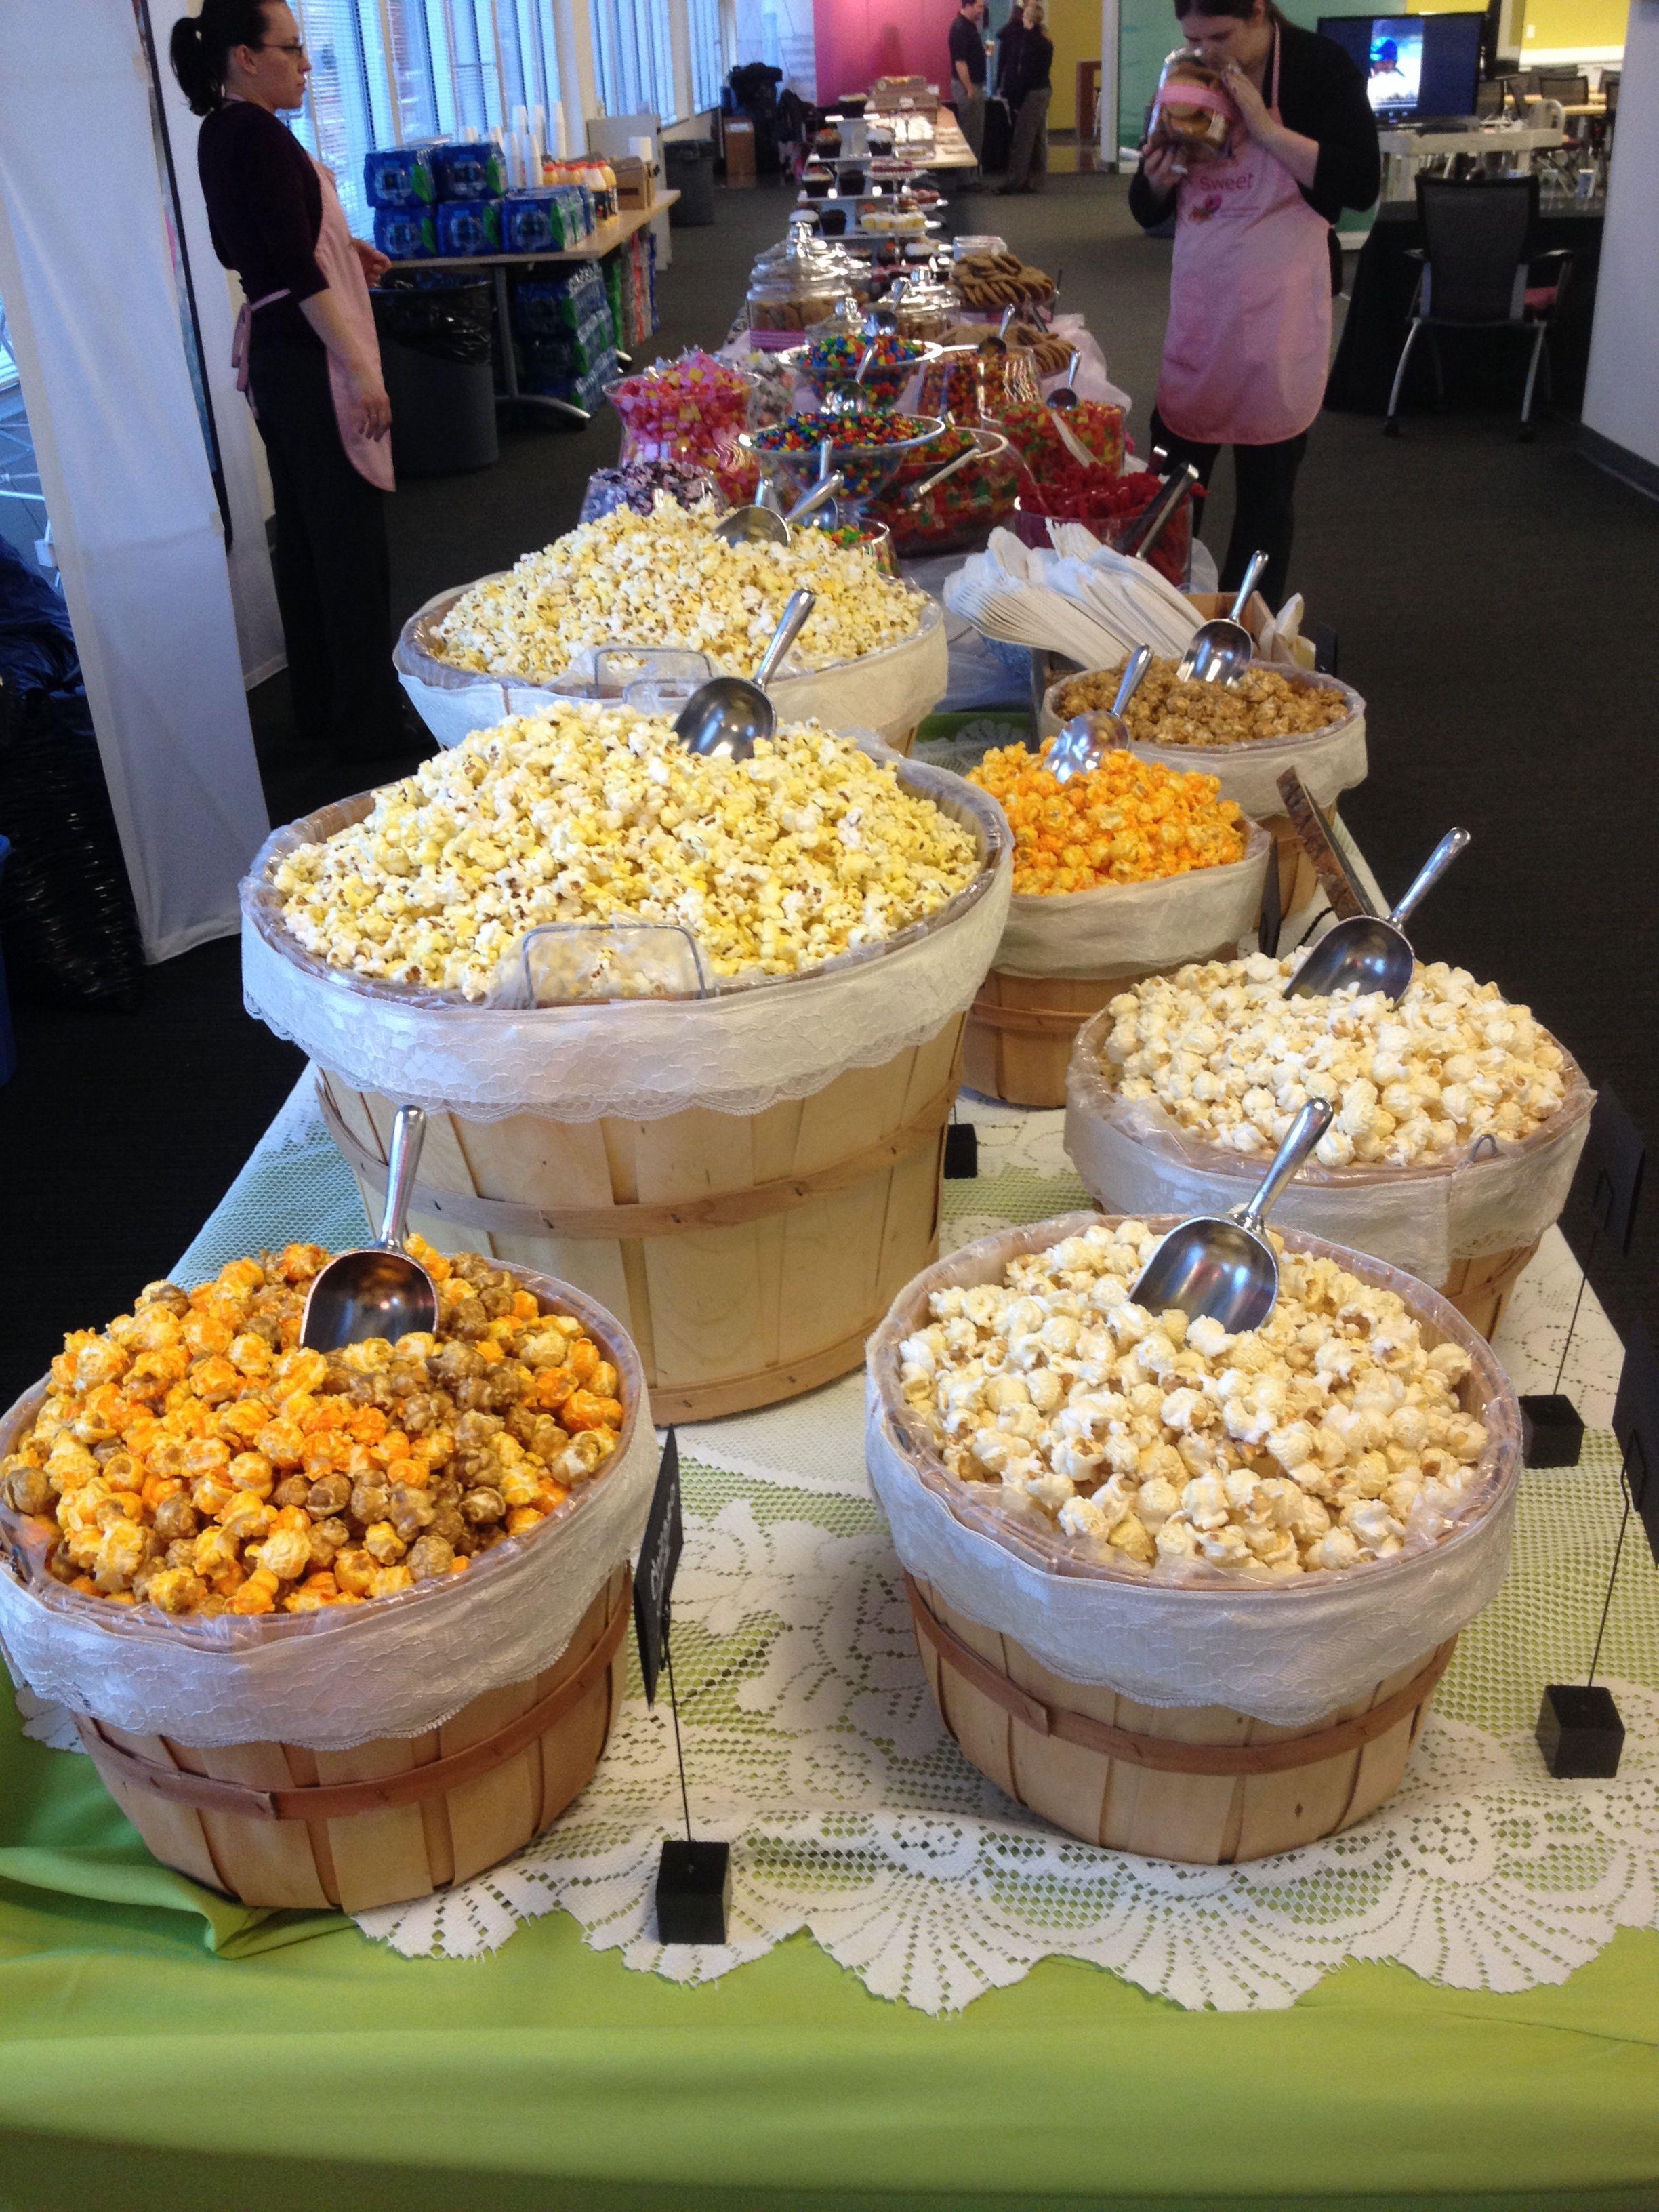 popcorn buffet 2 hochzeit pinterest ideen f r die hochzeit abschiedsfeier und haus projekte. Black Bedroom Furniture Sets. Home Design Ideas